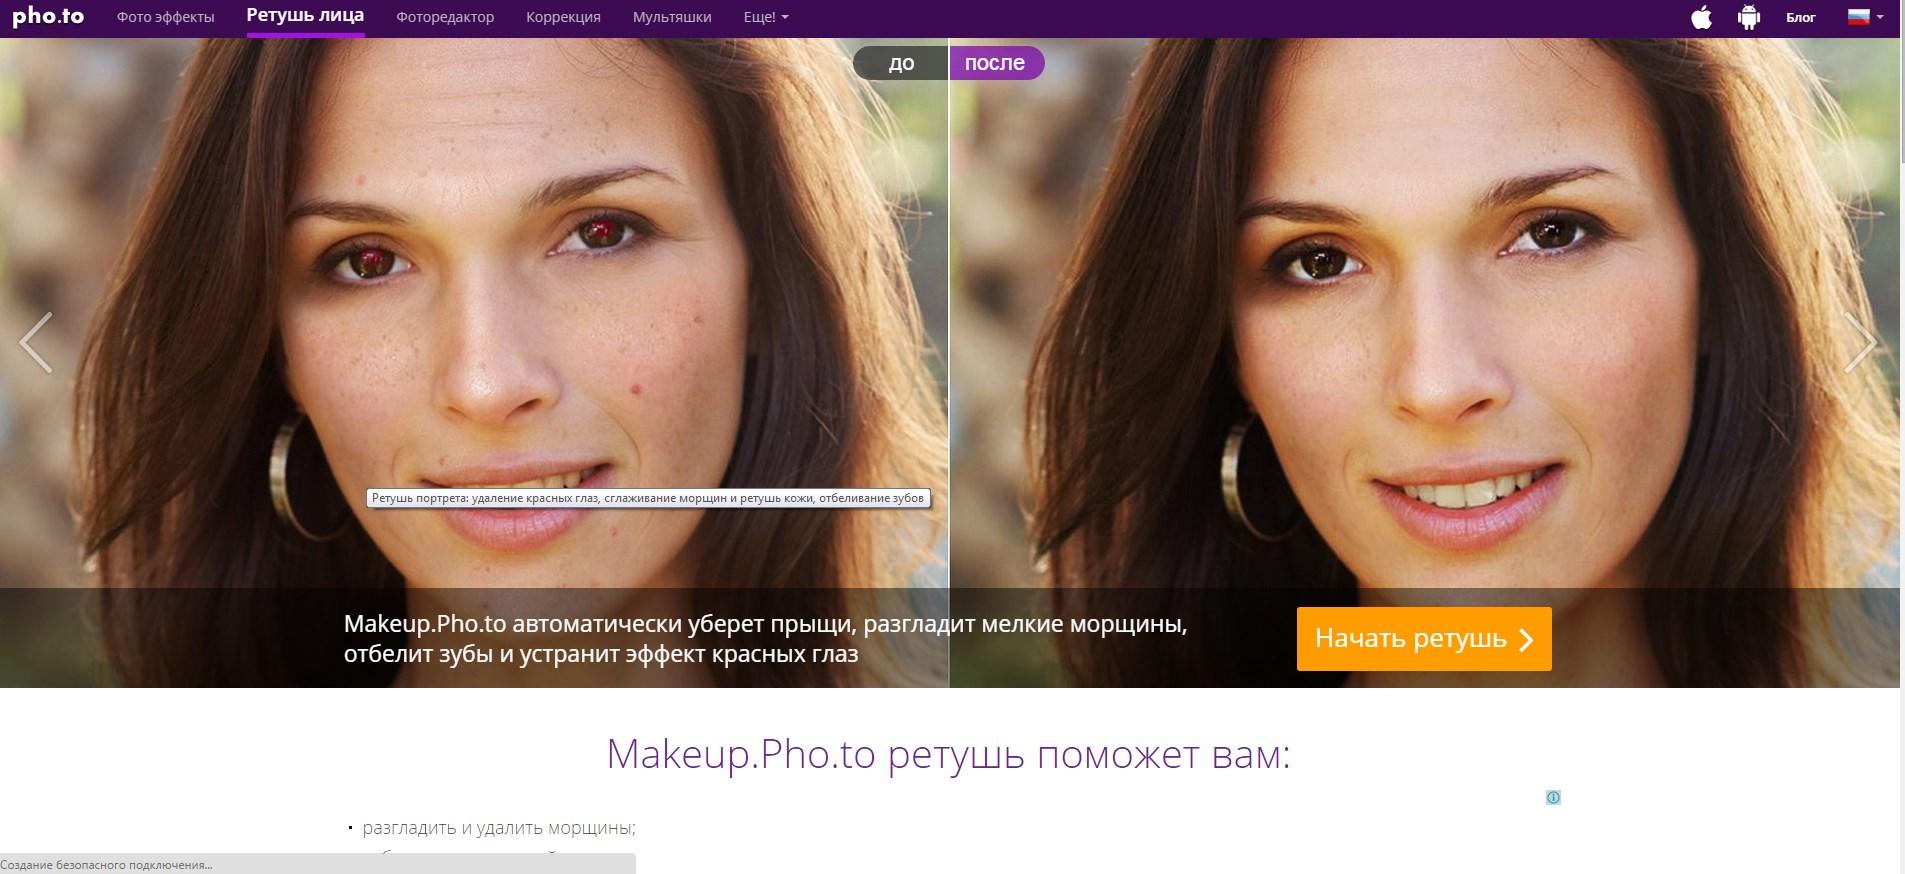 Редактор фотографий онлайн разрешение